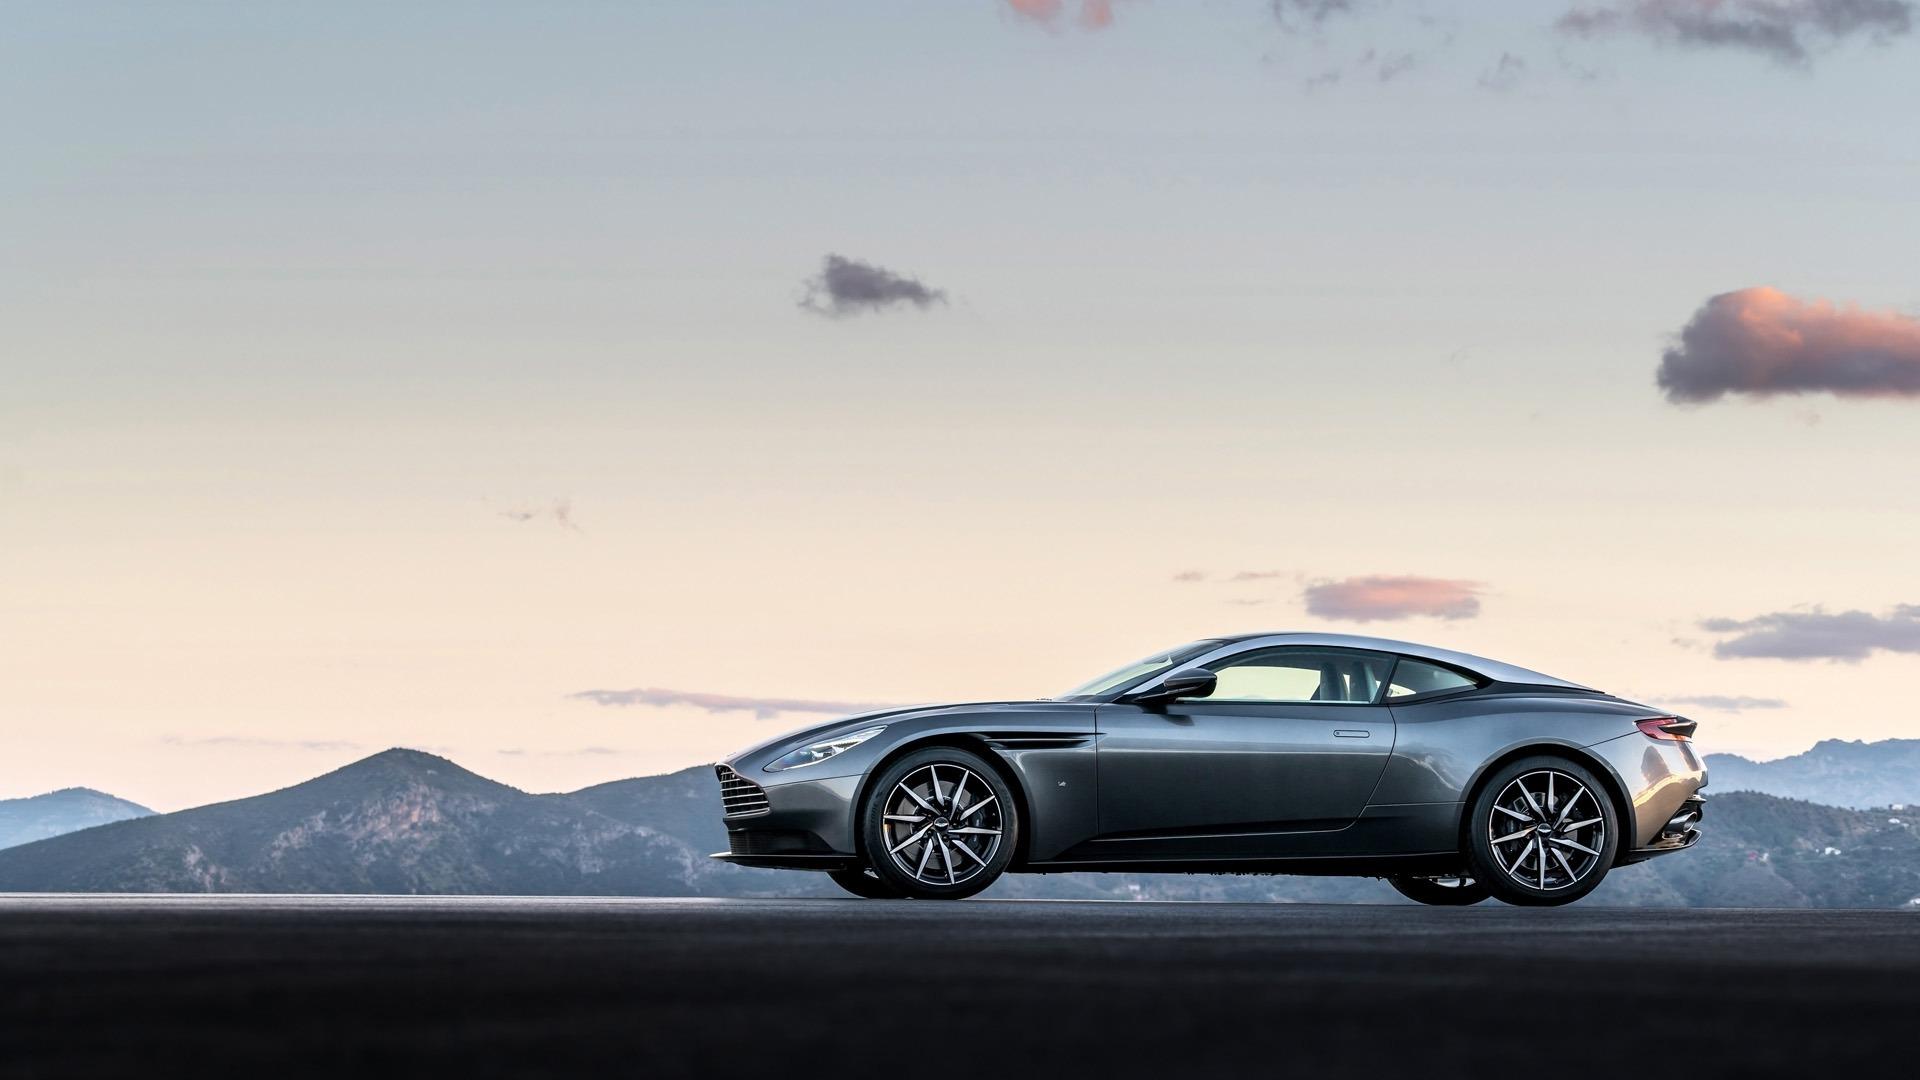 2017 Aston Martin Db11 Coche De Lujo Hd Wallpaper 14 Avance